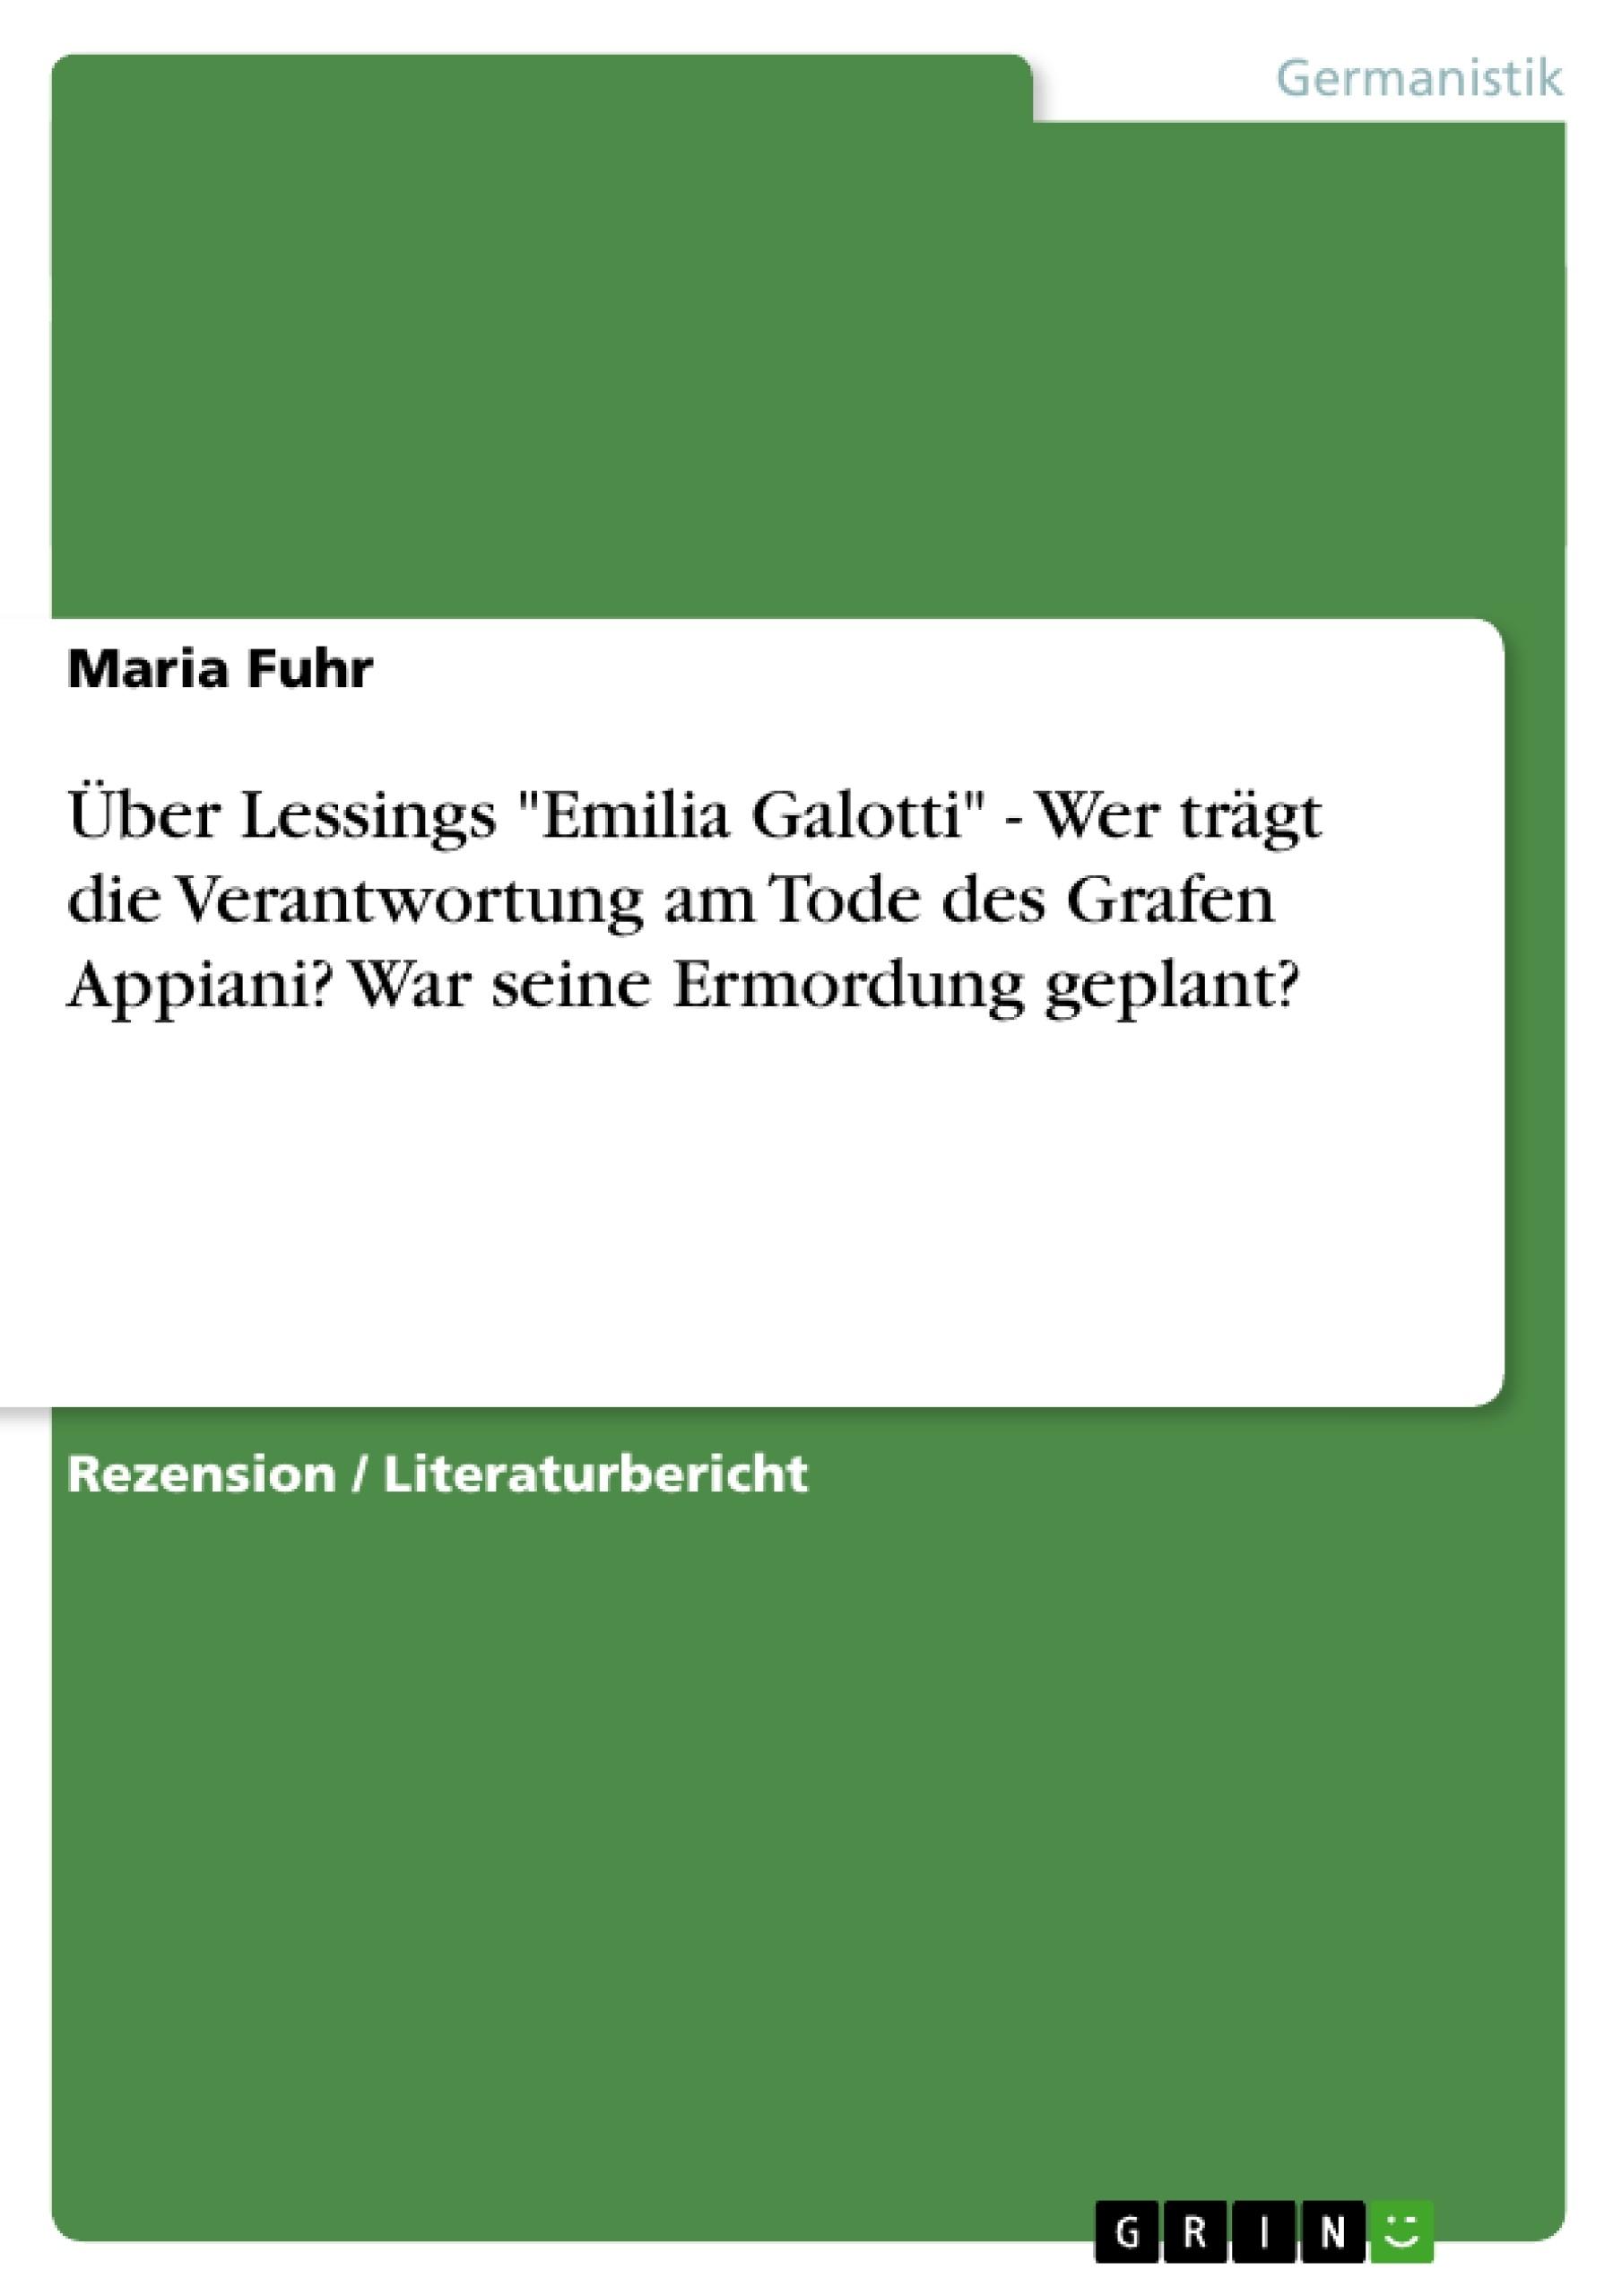 """Titel: Über Lessings """"Emilia Galotti"""" - Wer trägt die Verantwortung am Tode des Grafen Appiani? War seine Ermordung geplant?"""